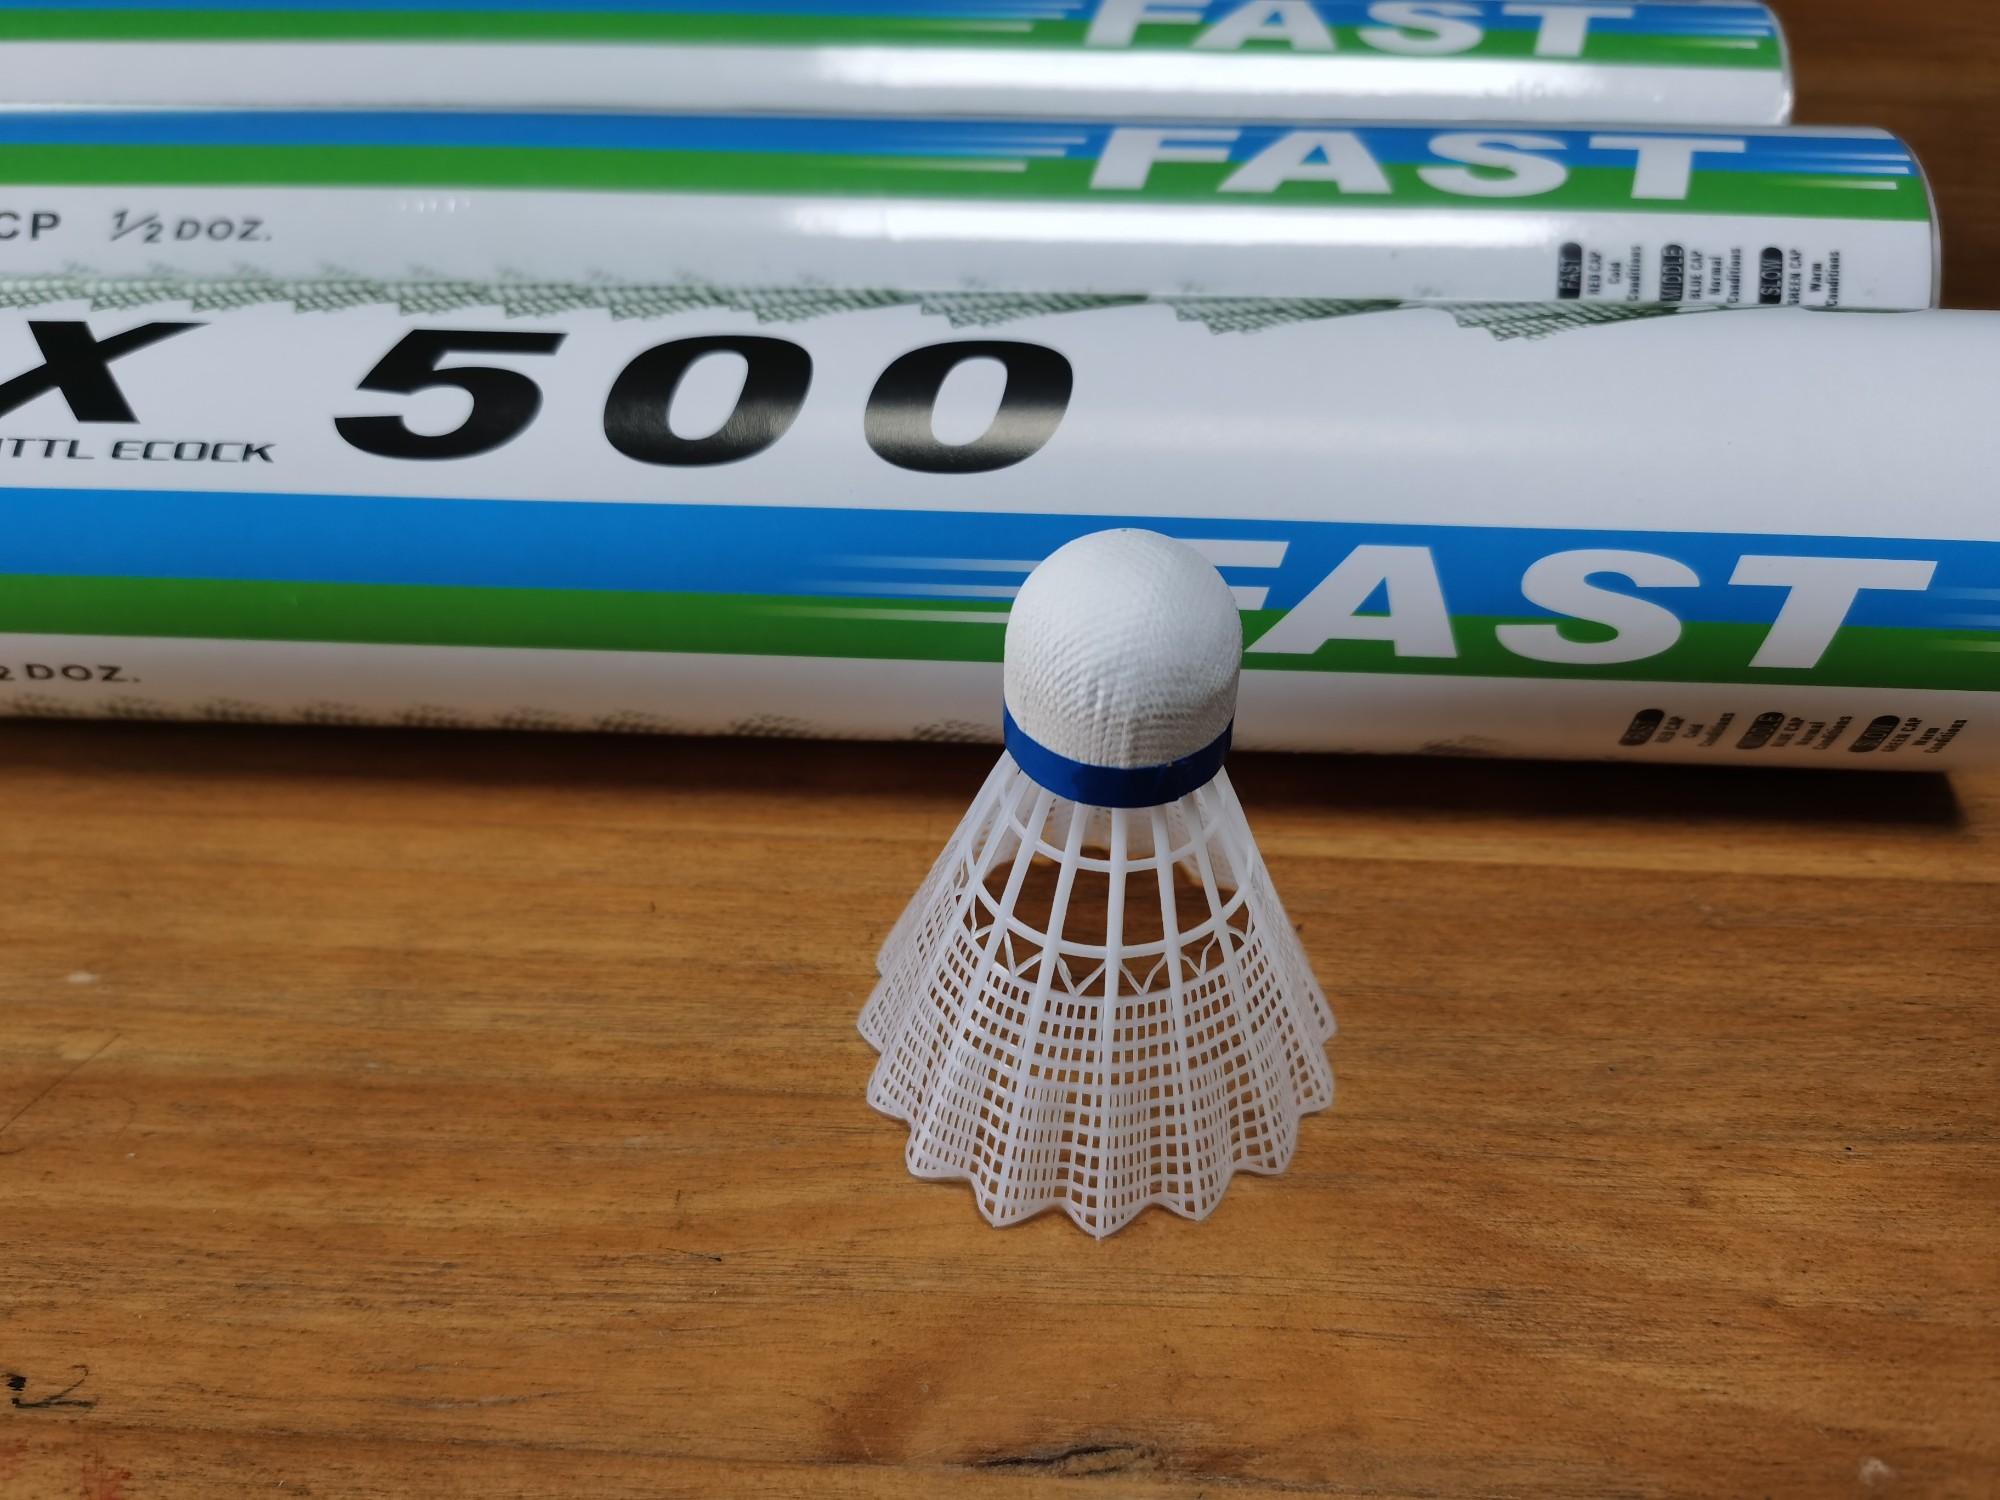 nylon shuttlecock with fiber ball head 12pcs Manufacturers, nylon shuttlecock with fiber ball head 12pcs Factory, Supply nylon shuttlecock with fiber ball head 12pcs